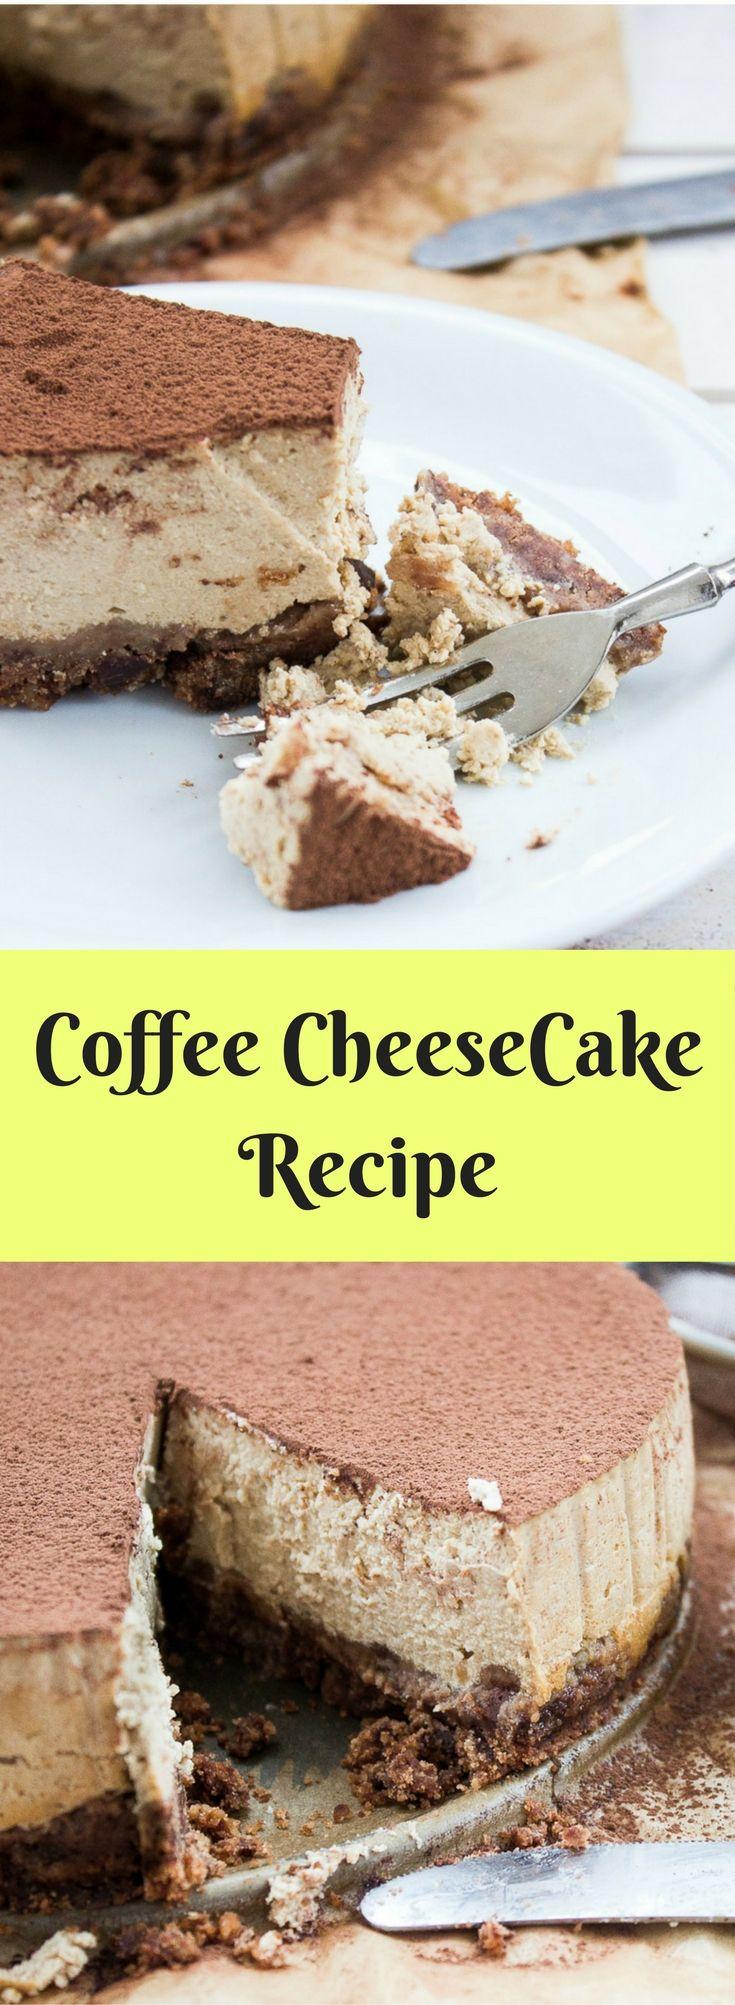 Coffee CheeseCake Recipe / Sernik kawowy na czekoladowym spodzie #cheesecake #recipe #coffee #glutenfree